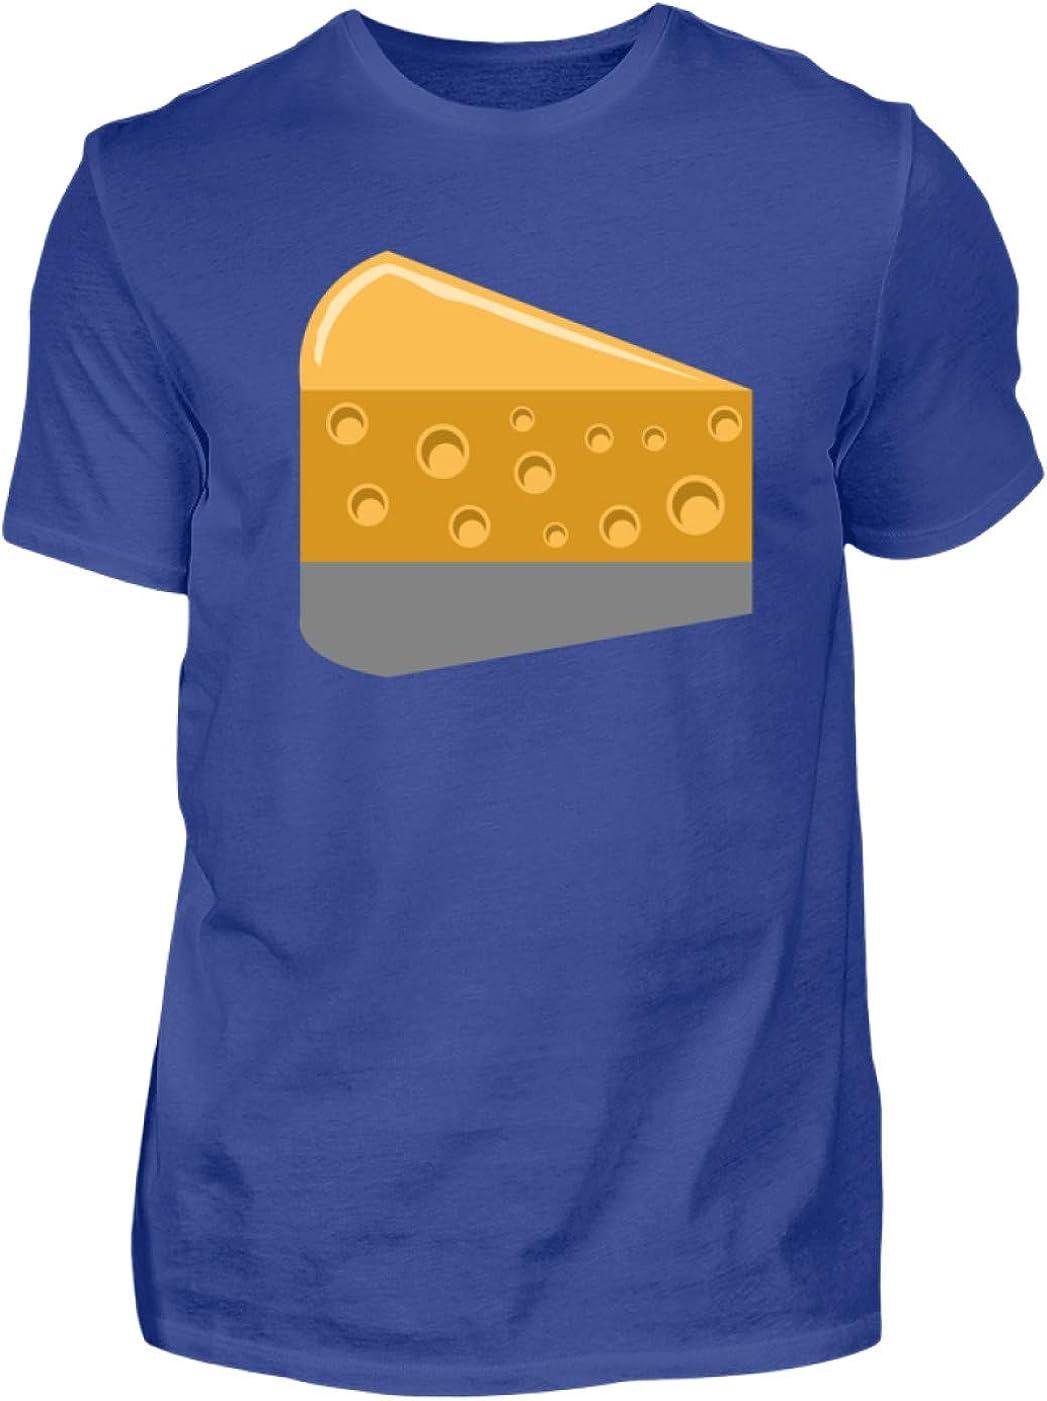 SPIRITSHIRTSHOP Queso – Cheese, ratón, Leche, Queso, Comida, Productos lácteos, Alimentos, Camiseta para Hombre